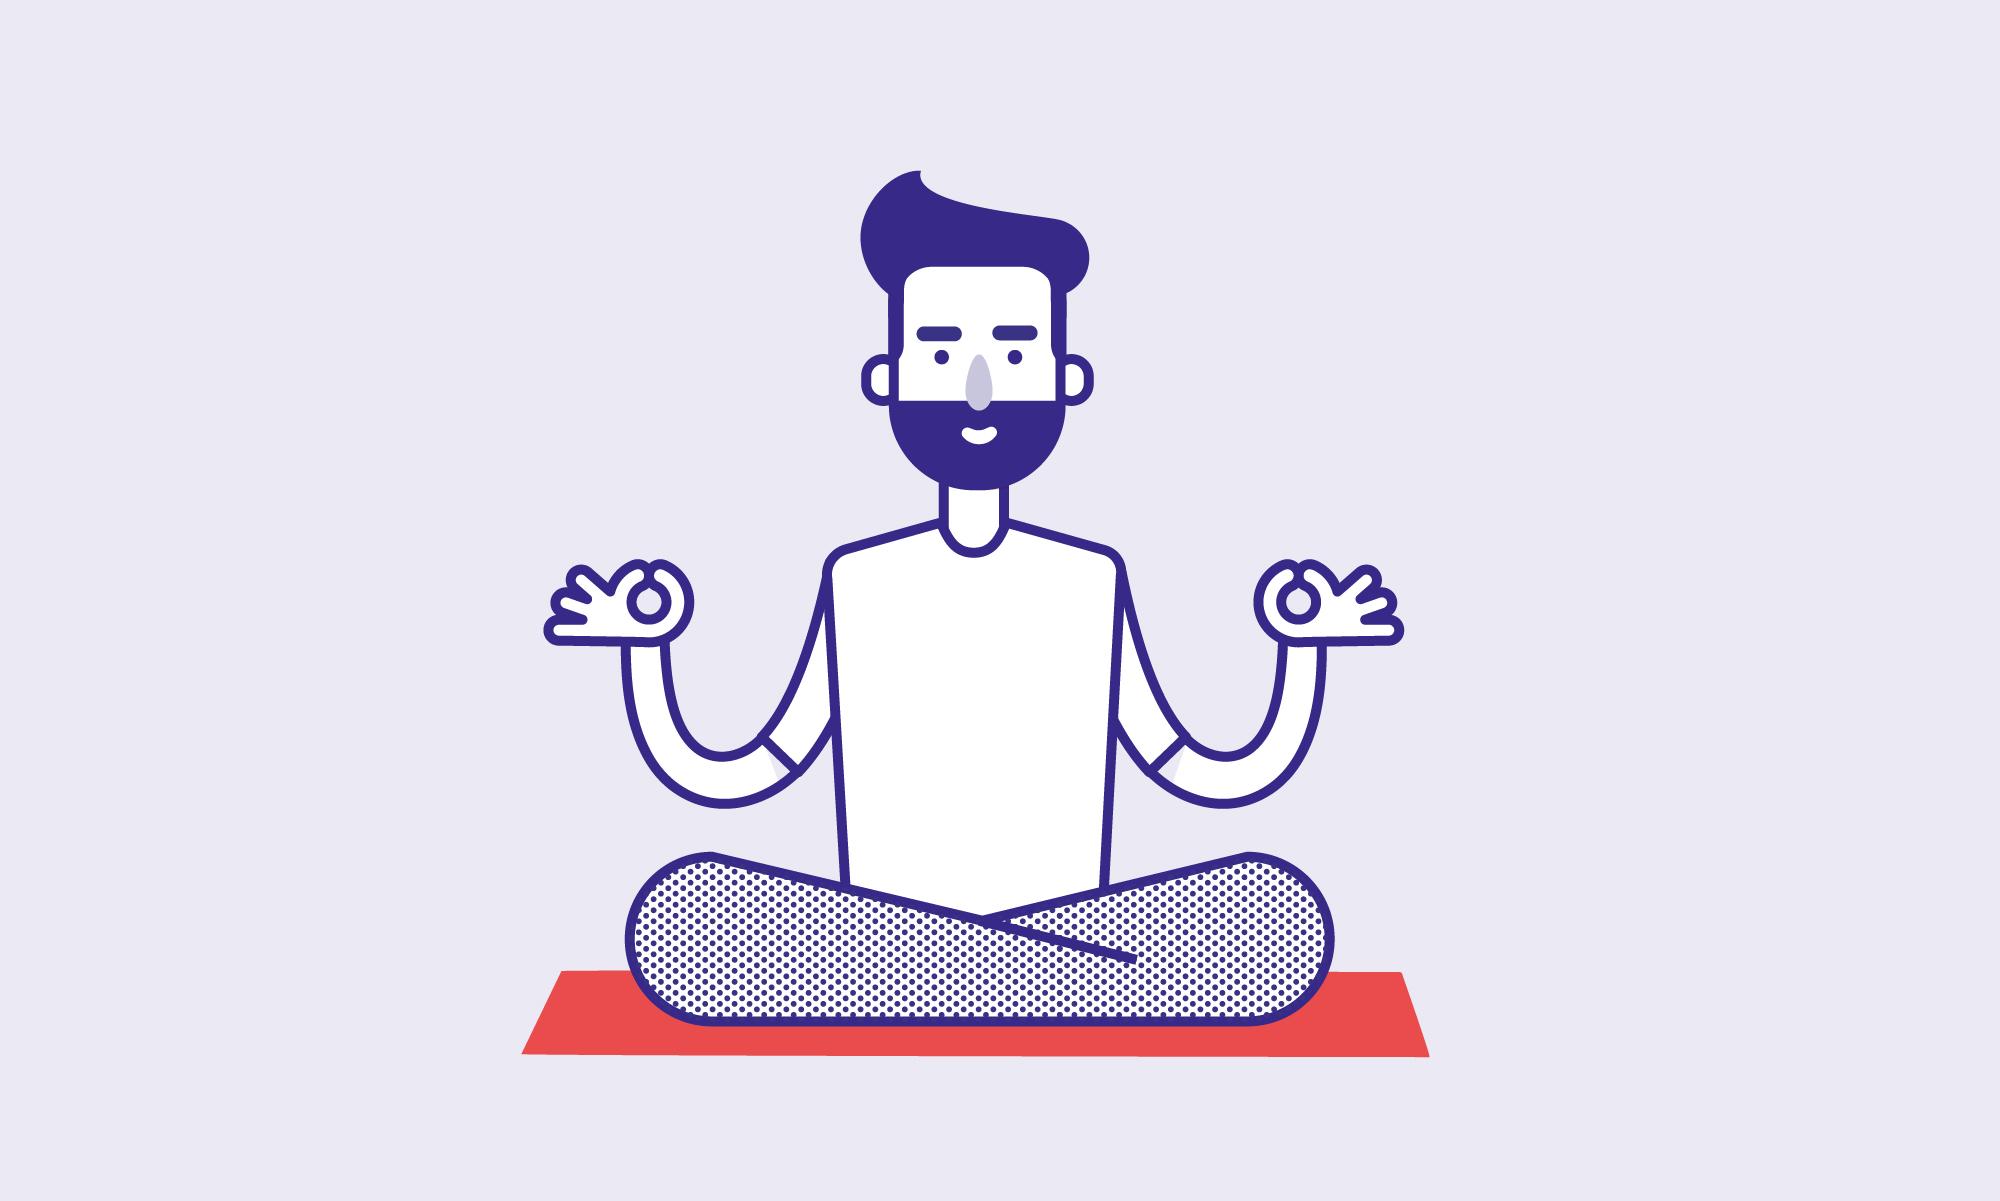 Hold dig (og din investering) fleksibel